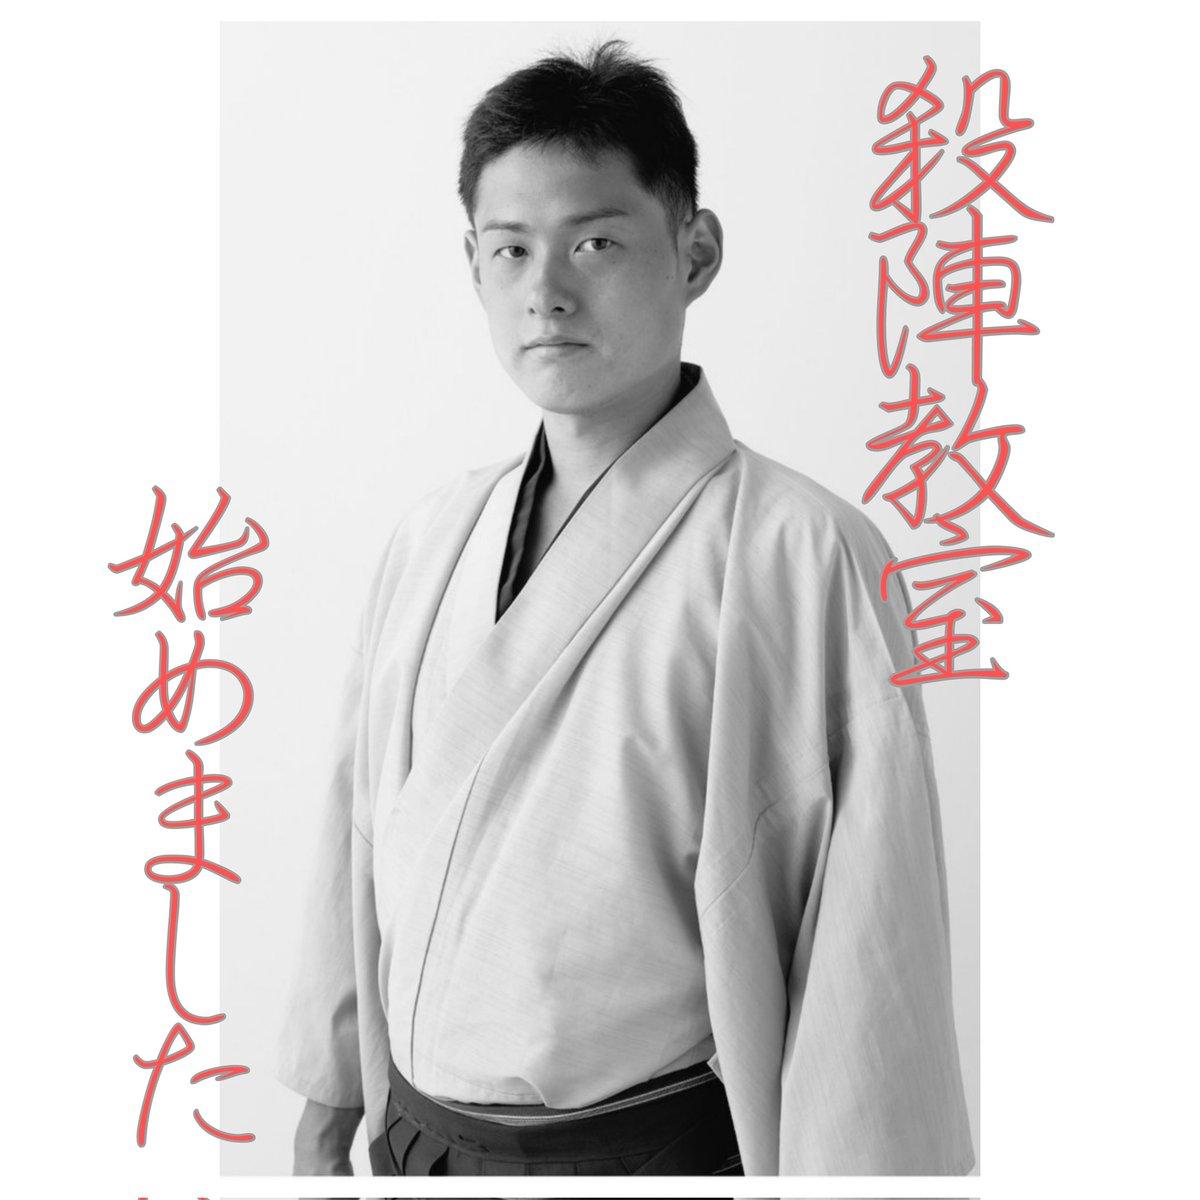 そして11月より殺陣教室開講! 殺陣を学び続けられる場所を提供します。詳しくは固定ツイを #殺陣 #時代劇 #アクション #侍 #映画 #習い事 #都内 #東京 #江戸